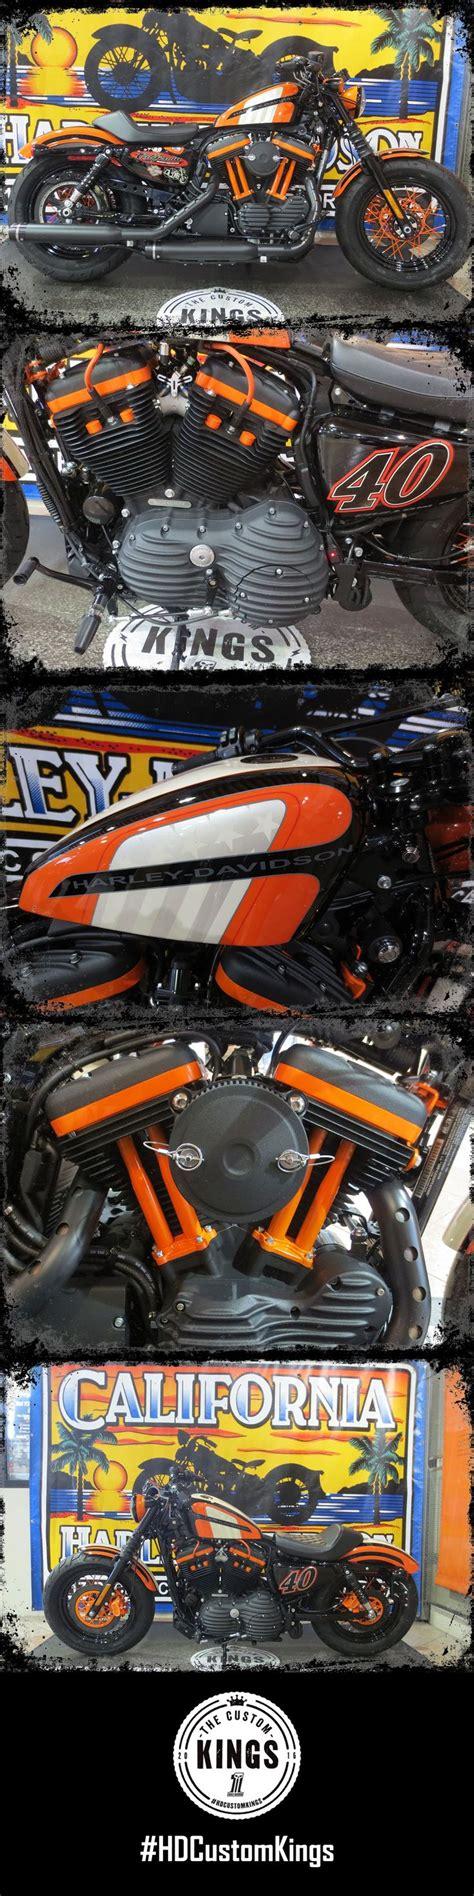 Motorradhelm Aufkleber Harley by Die Besten 25 Harley Davidson Aufkleber Ideen Auf